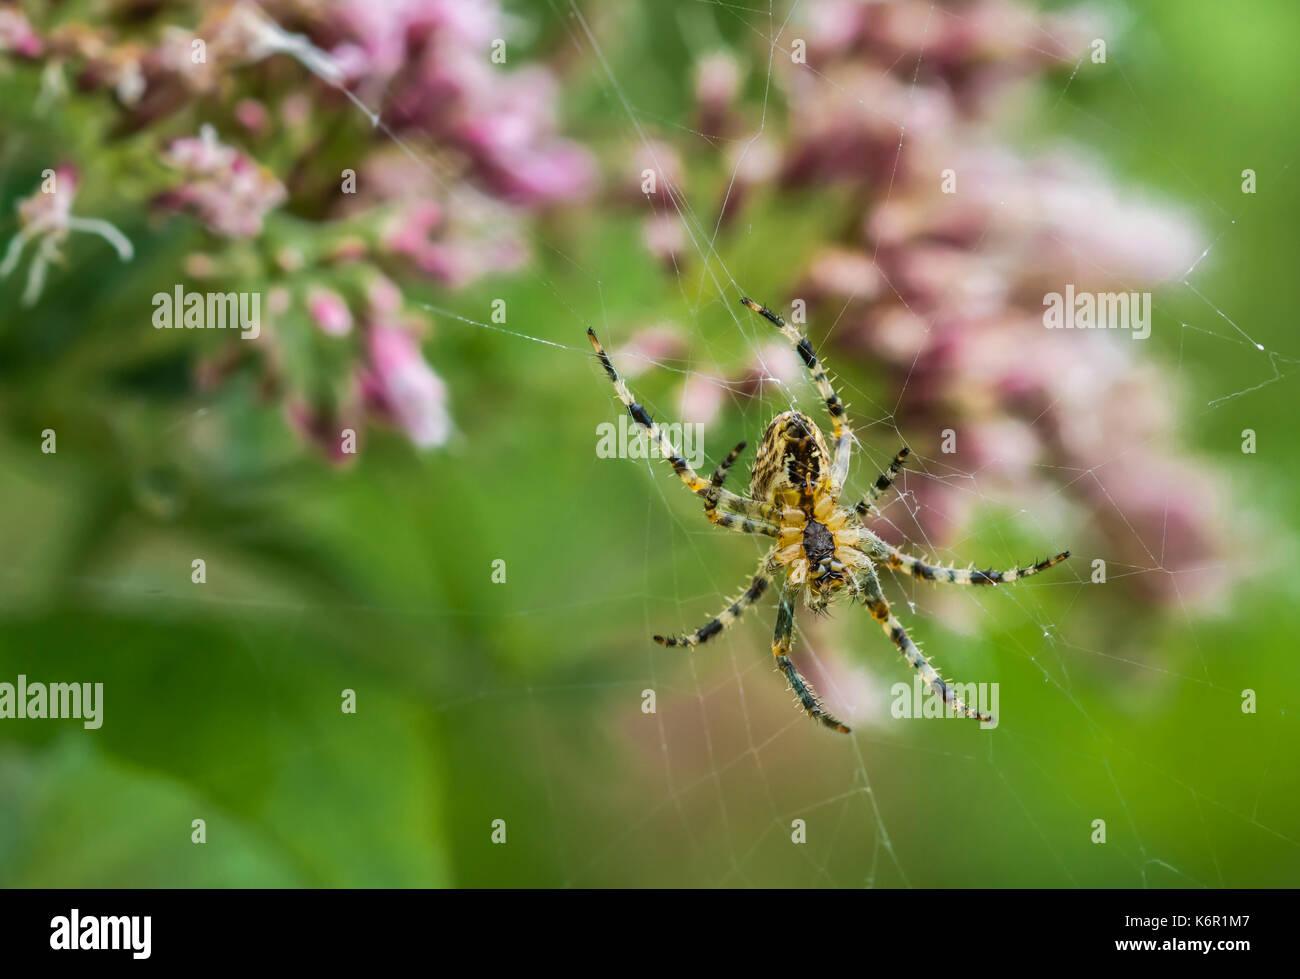 Macho de la araña de jardín (Orb Weaver, araña Araneus Diadematus, Diadema Spider) en un web en otoño en el Reino Unido. Imagen De Stock